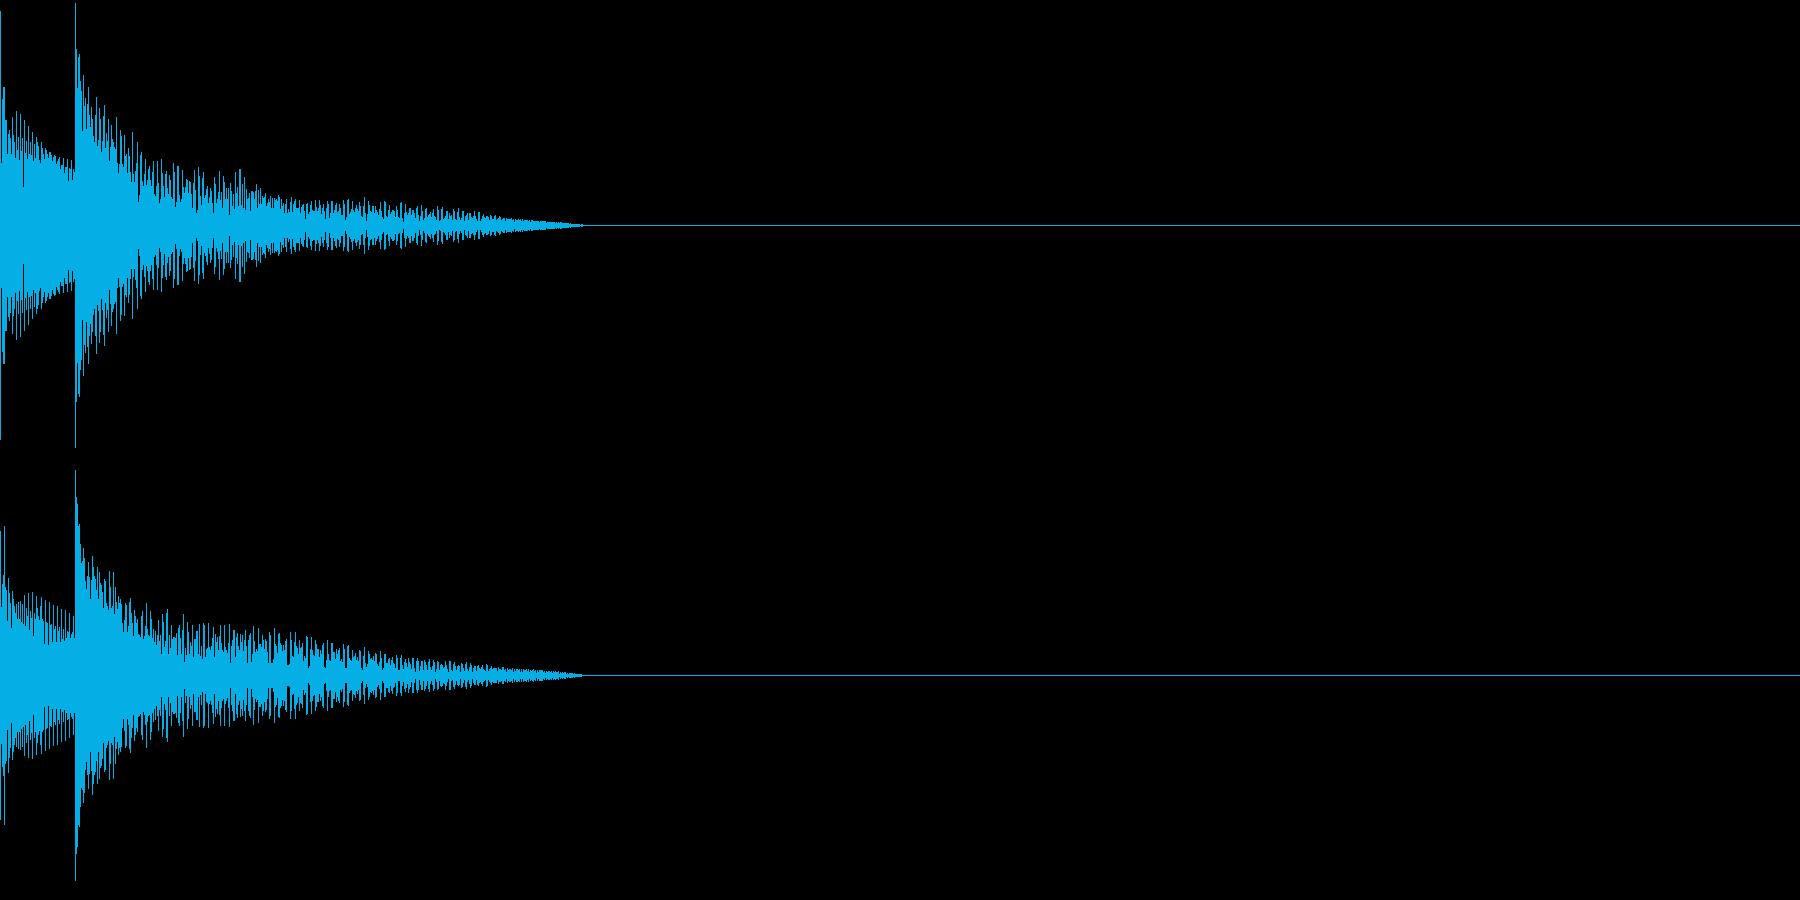 Cursor セレクト・カーソルの音9の再生済みの波形